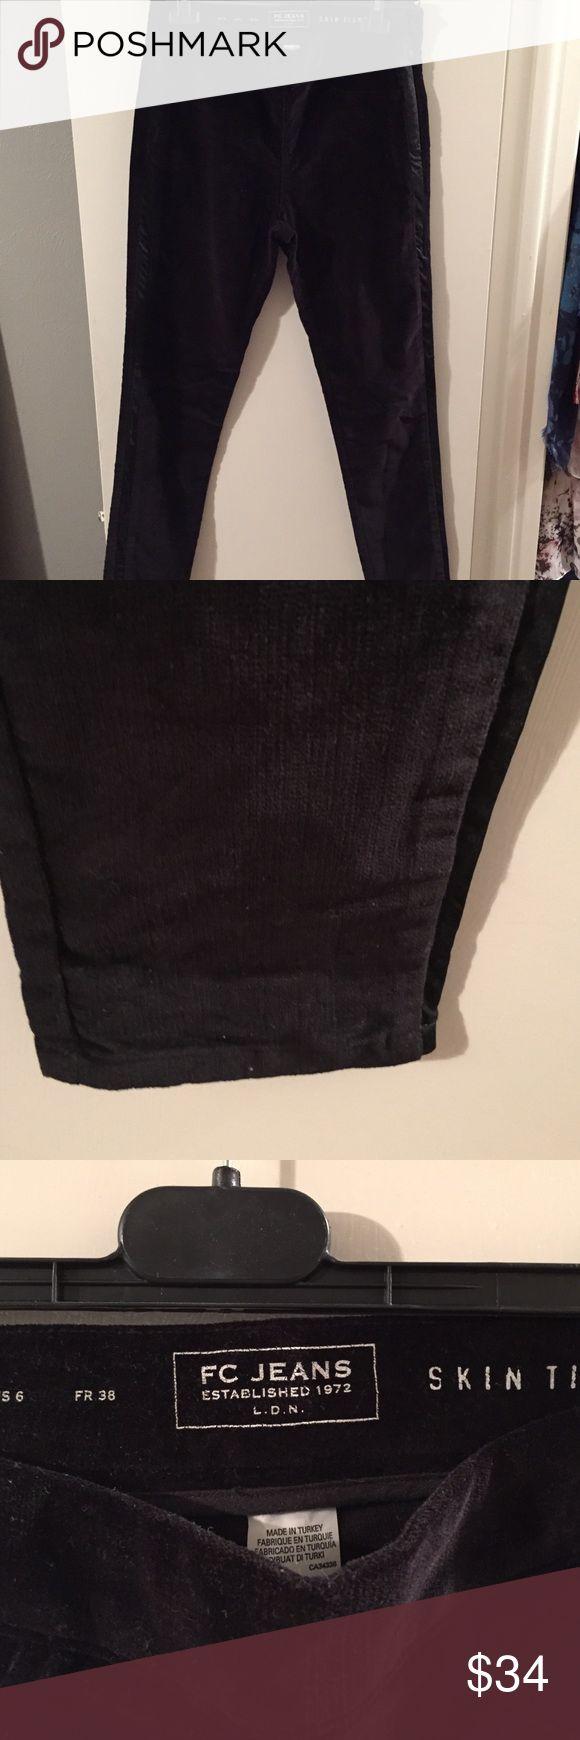 French Connection velvet tuxedo pants Velvet tuxedo style skinny pants, worn once in Vegas French Connection Pants Skinny